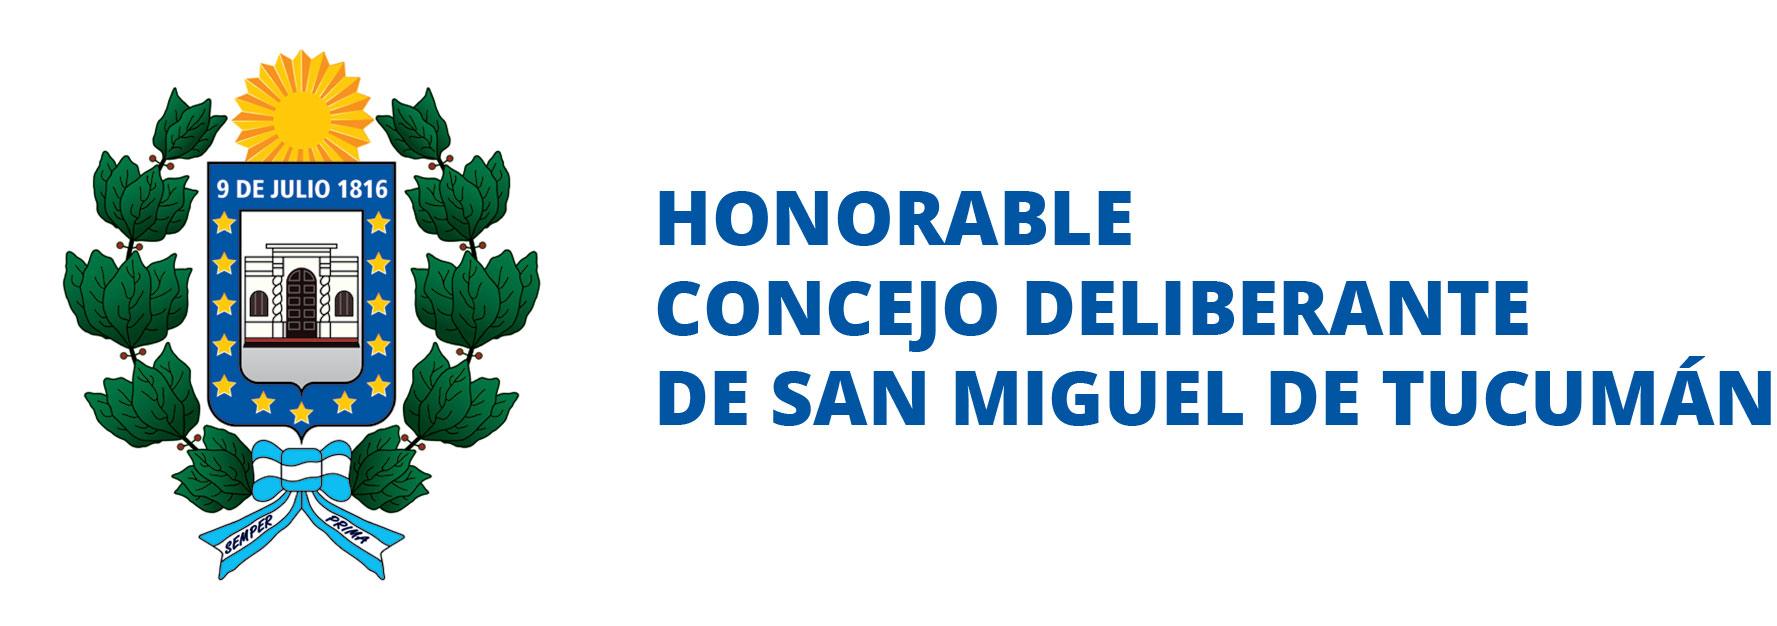 La oposición tiene más concejales en San Miguel de Tucumán